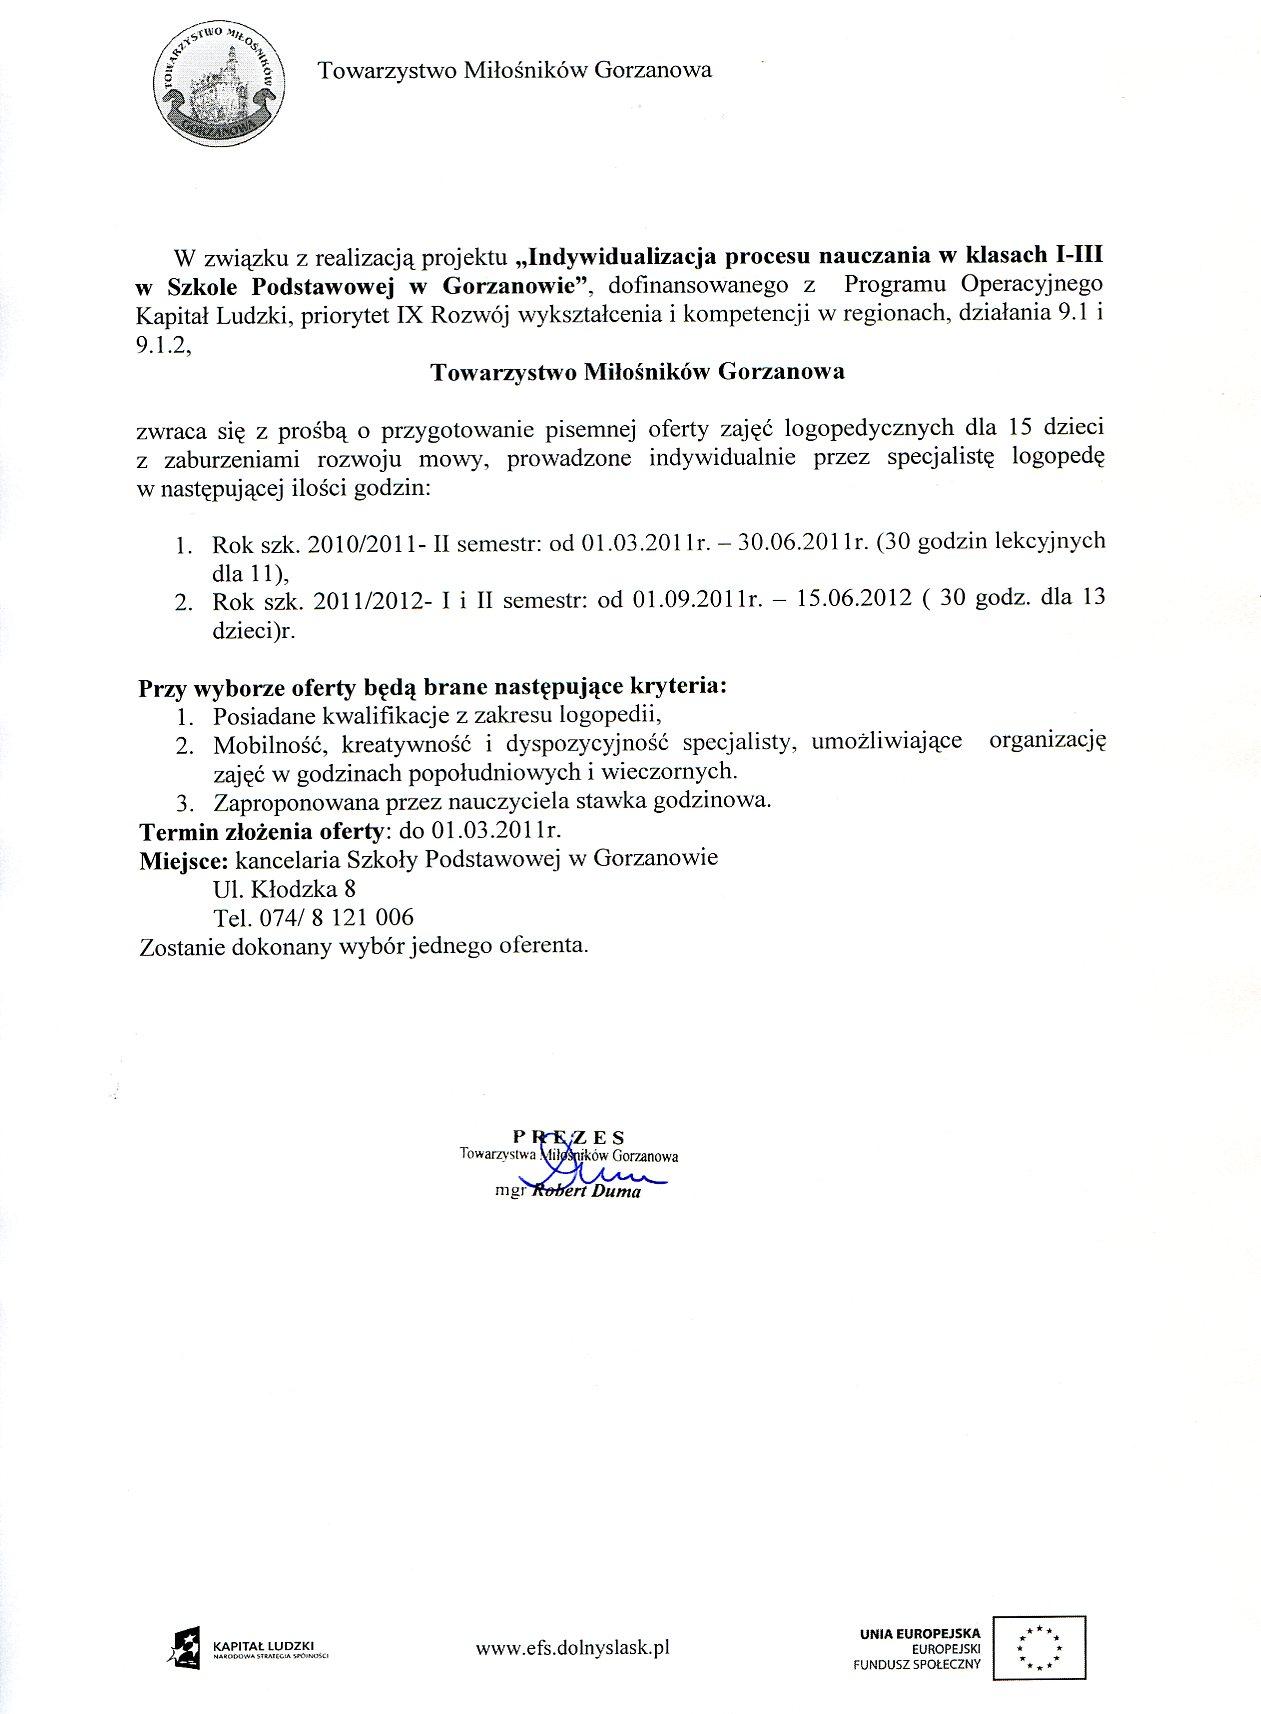 2011.03.01. zapaytanie_ofertowe_zajecia logopedyczne